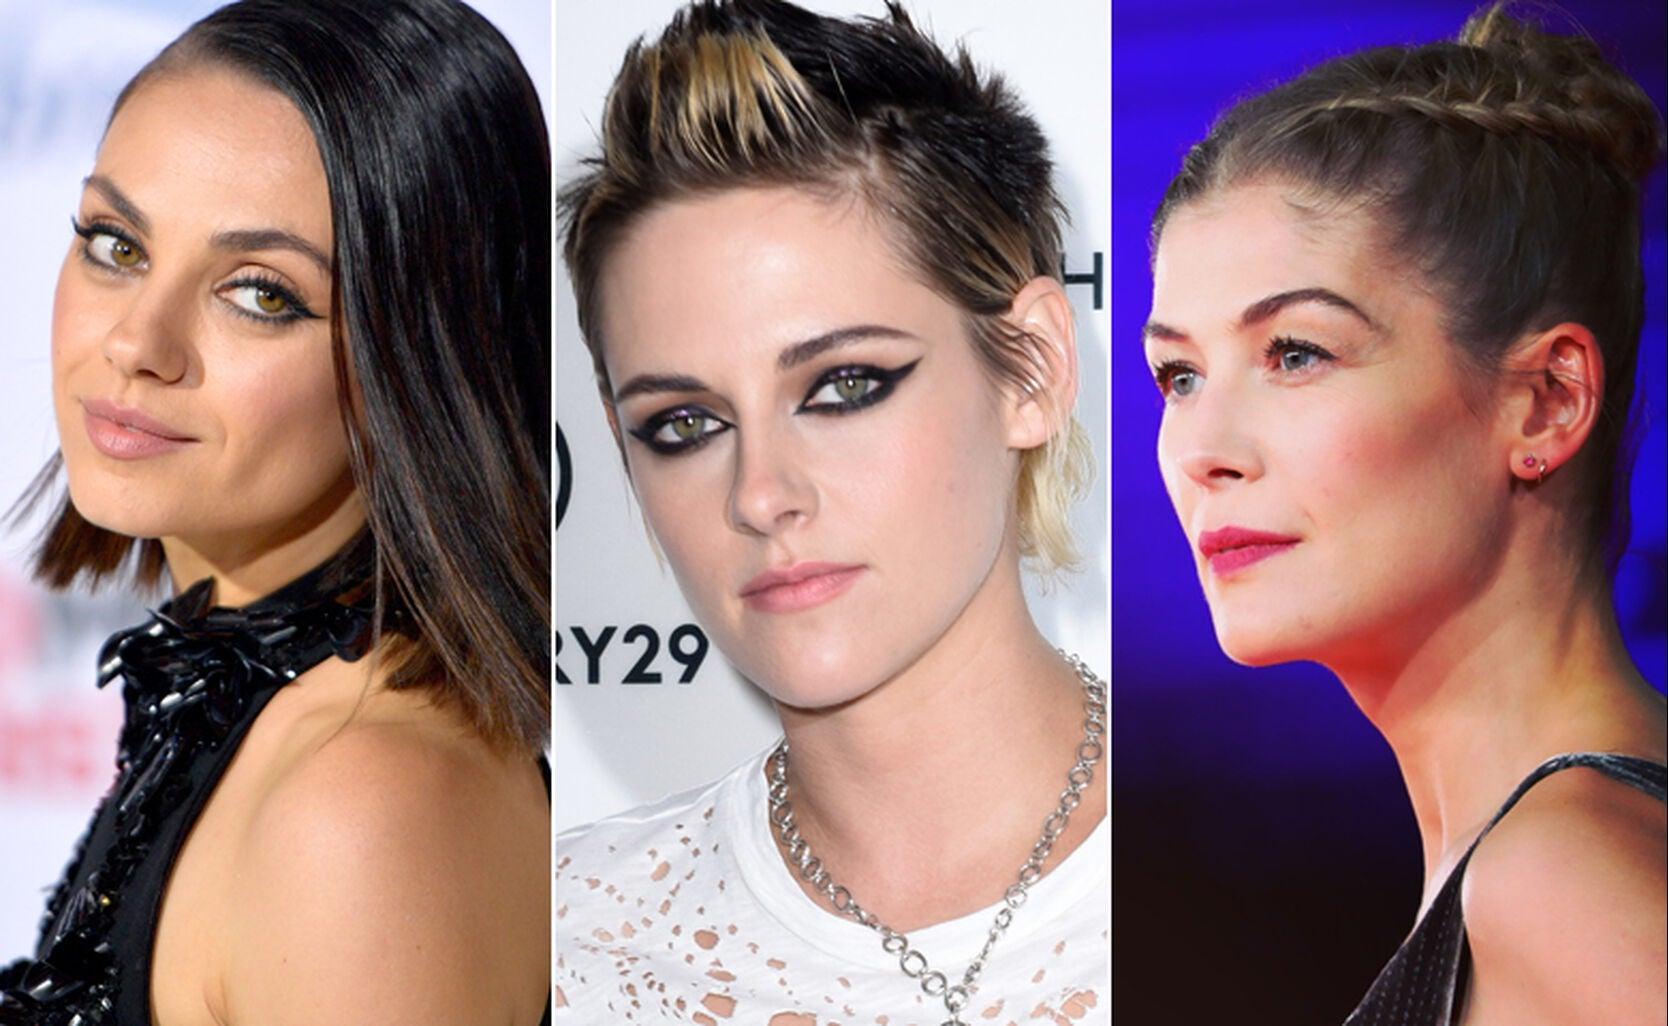 Mila Kunis, Kristen Stewart and Rosamund Pike